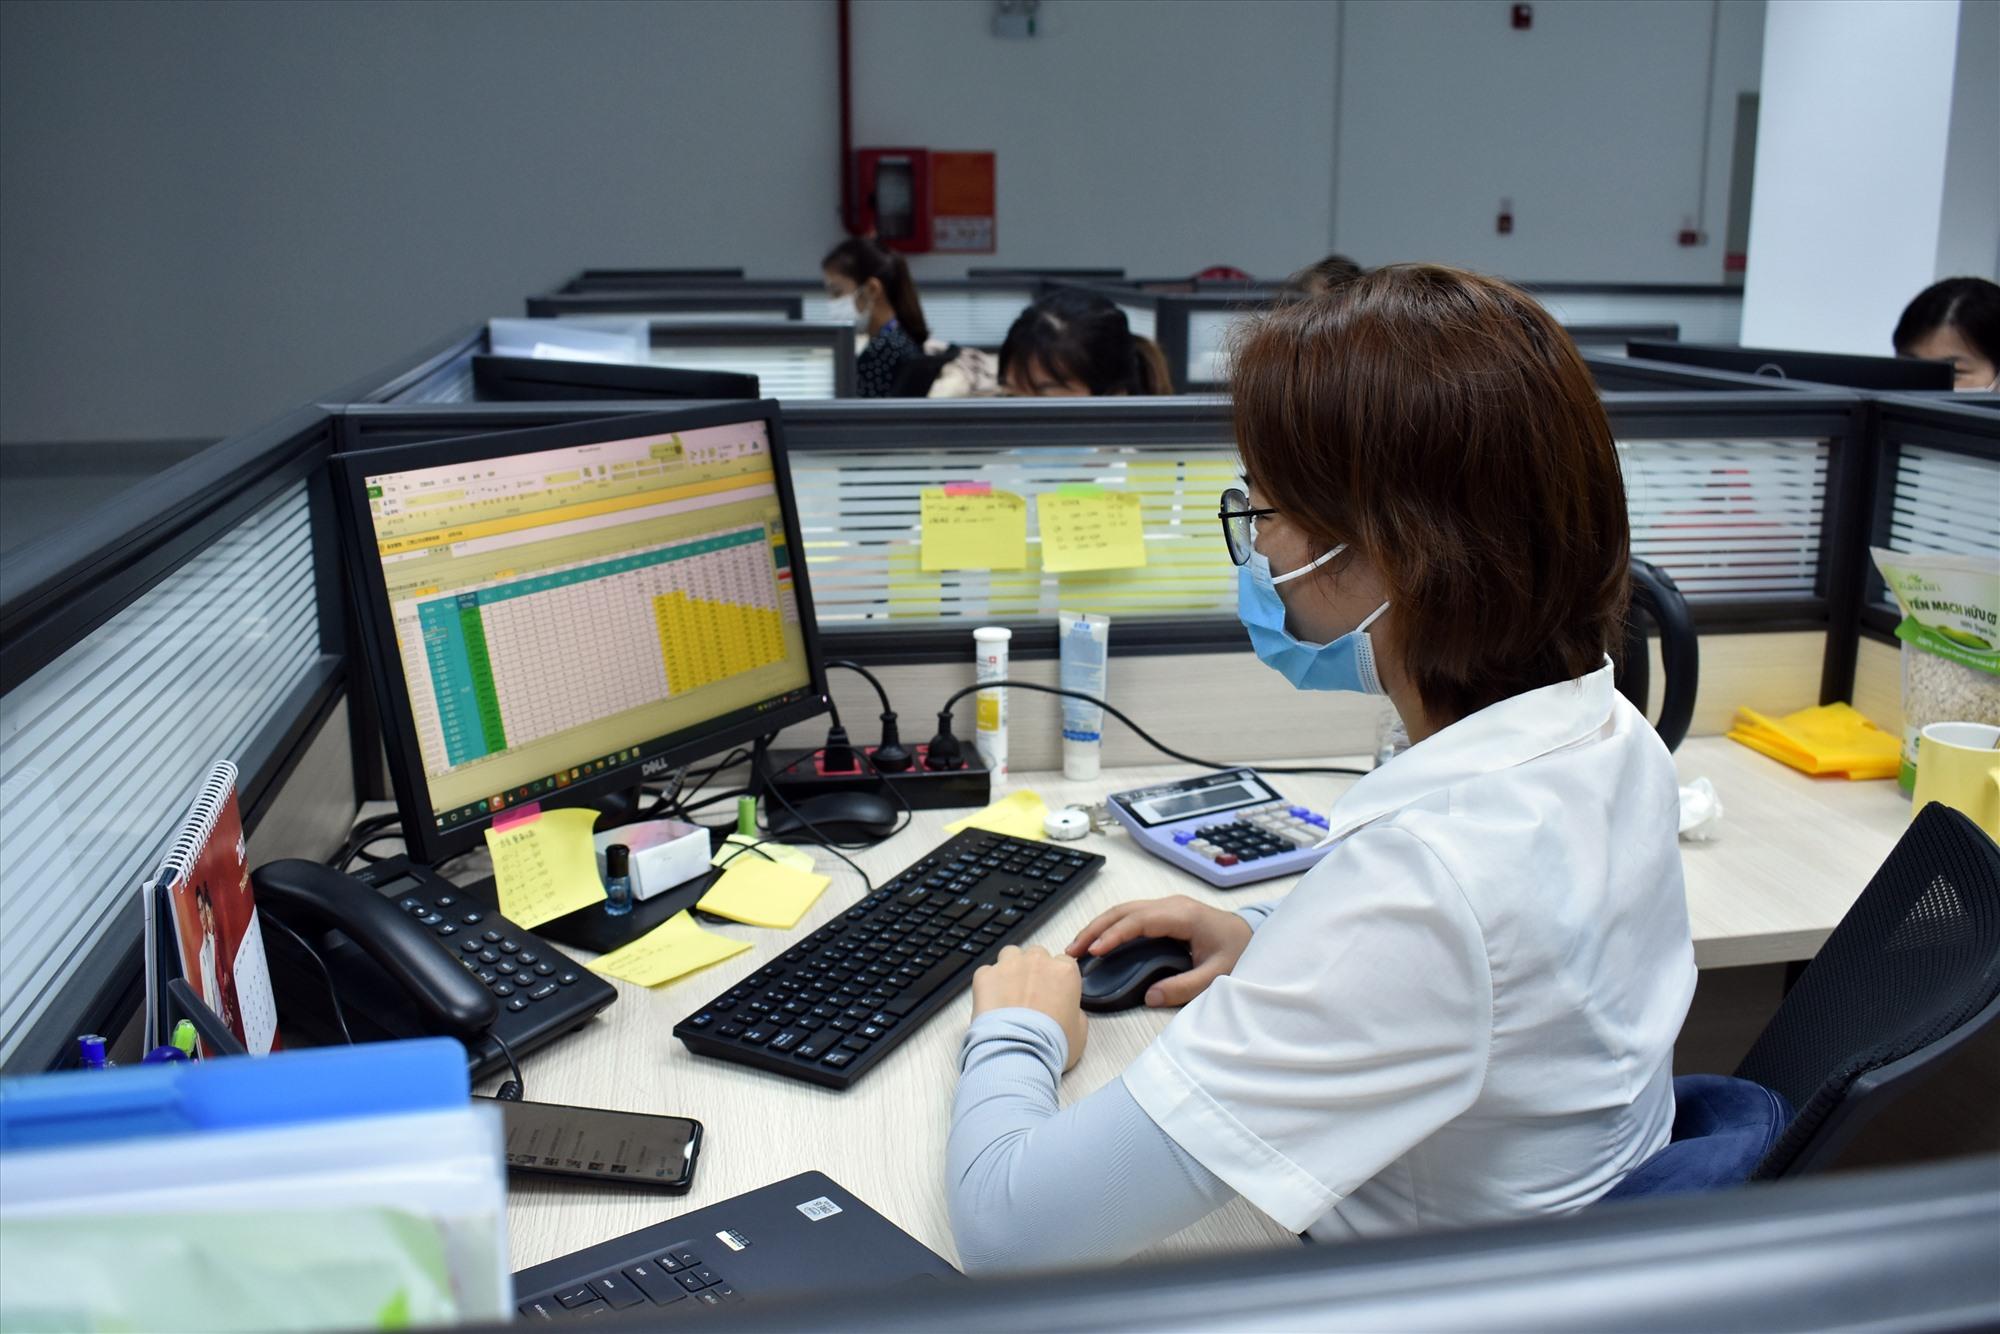 Việc chuyển đổi số trong quản lý điều hành sẽ giúp Điện Bàn sớm hiện thực mục tiêu về đô thị thông minh vào năm 2030.